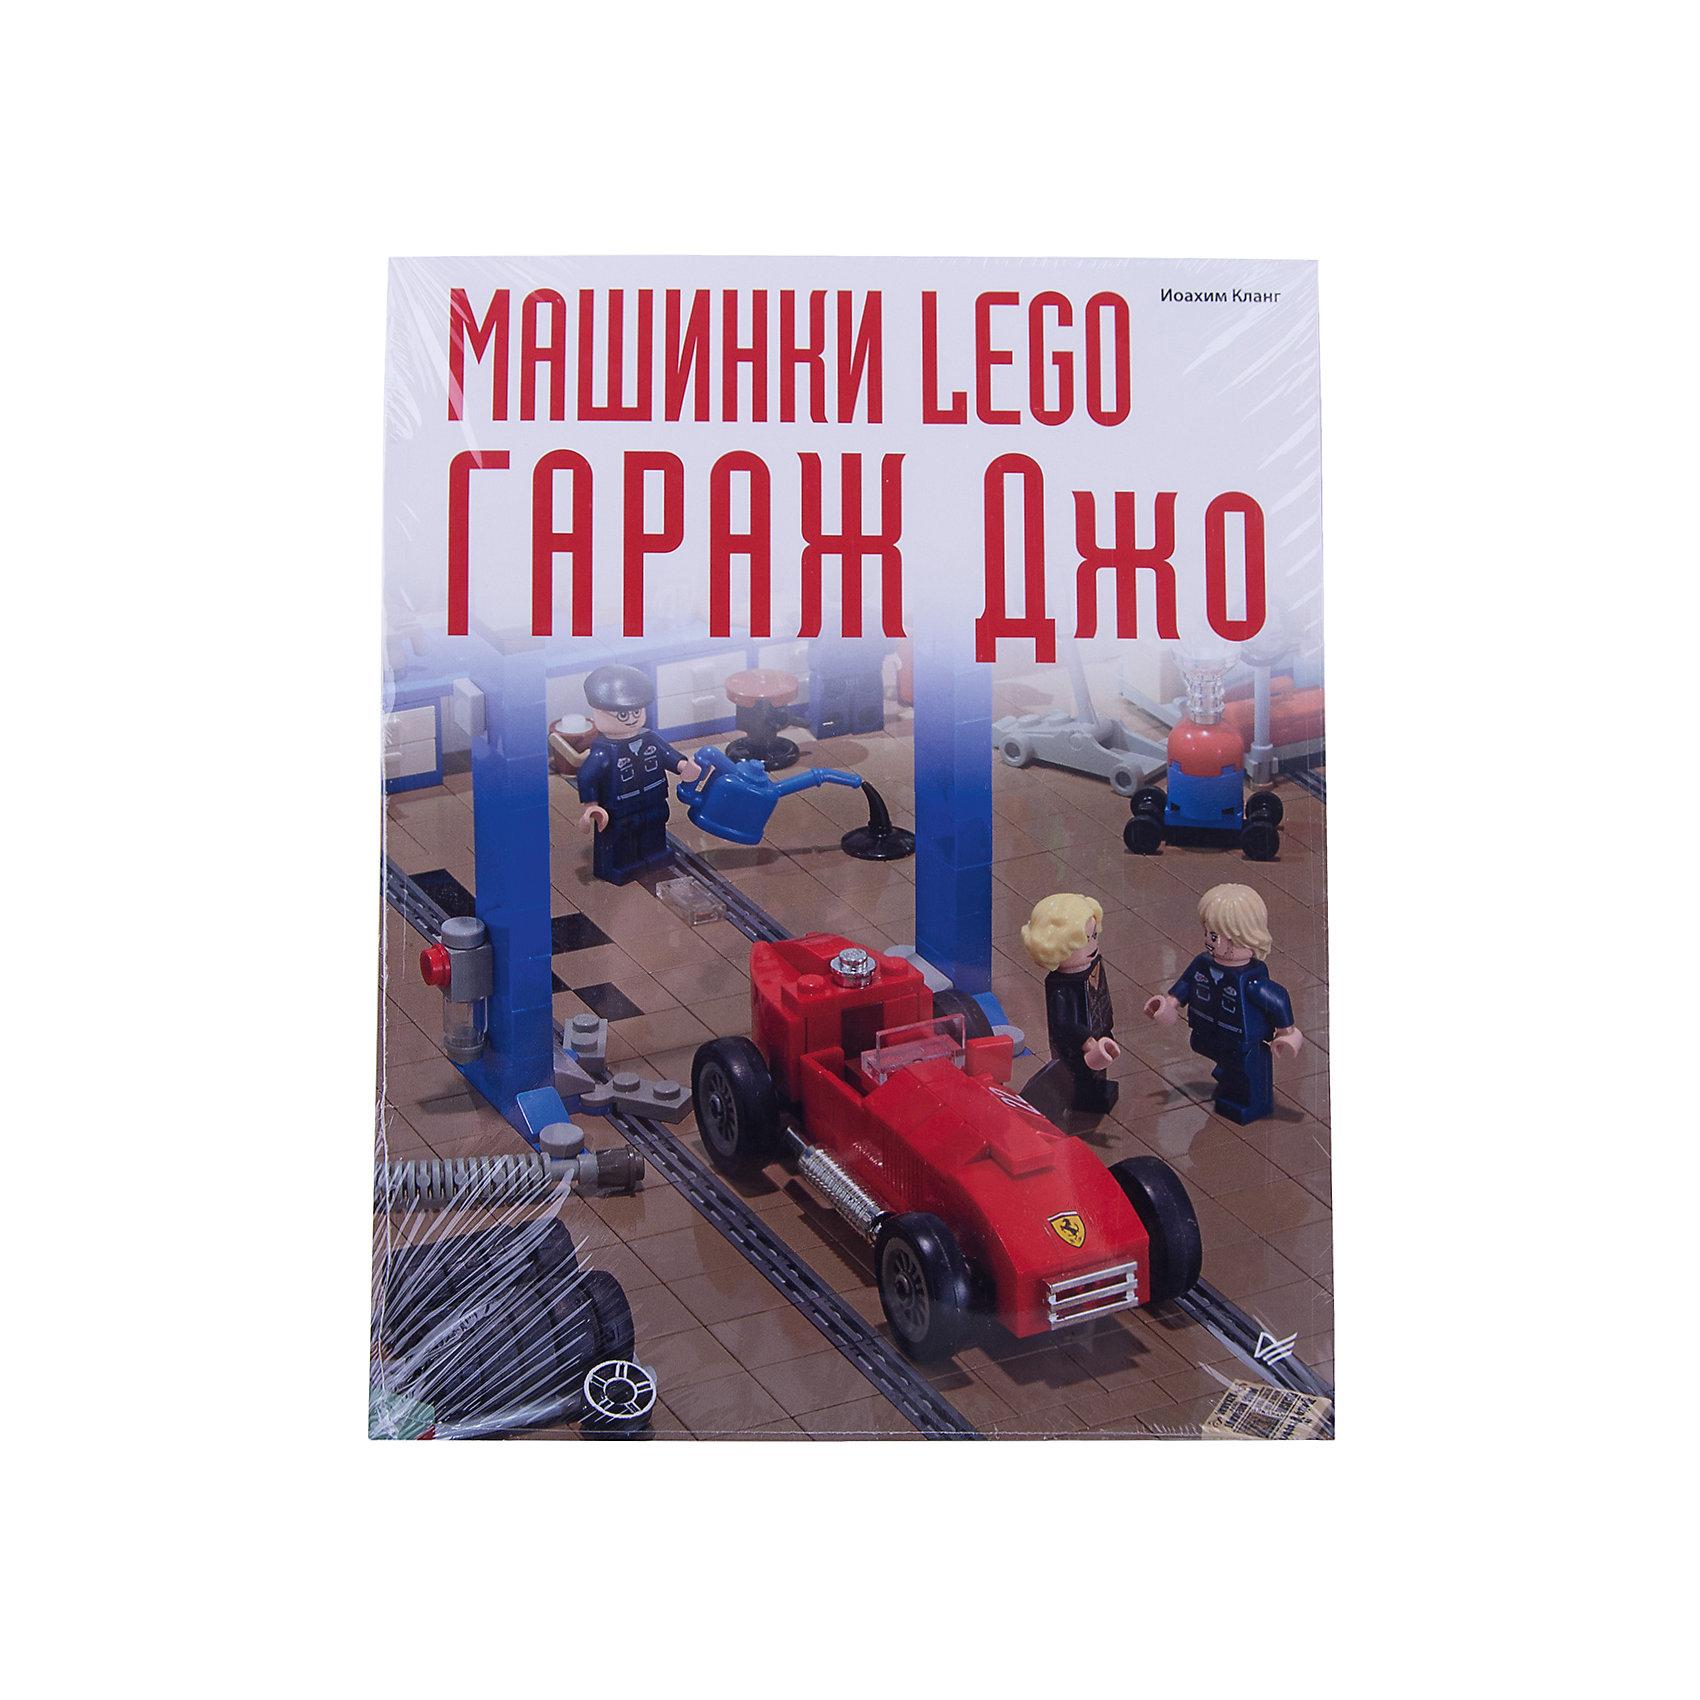 ПИТЕР Книга-инструкция Машинки Lego. Гараж Джо купить гараж в москве путевой проезд